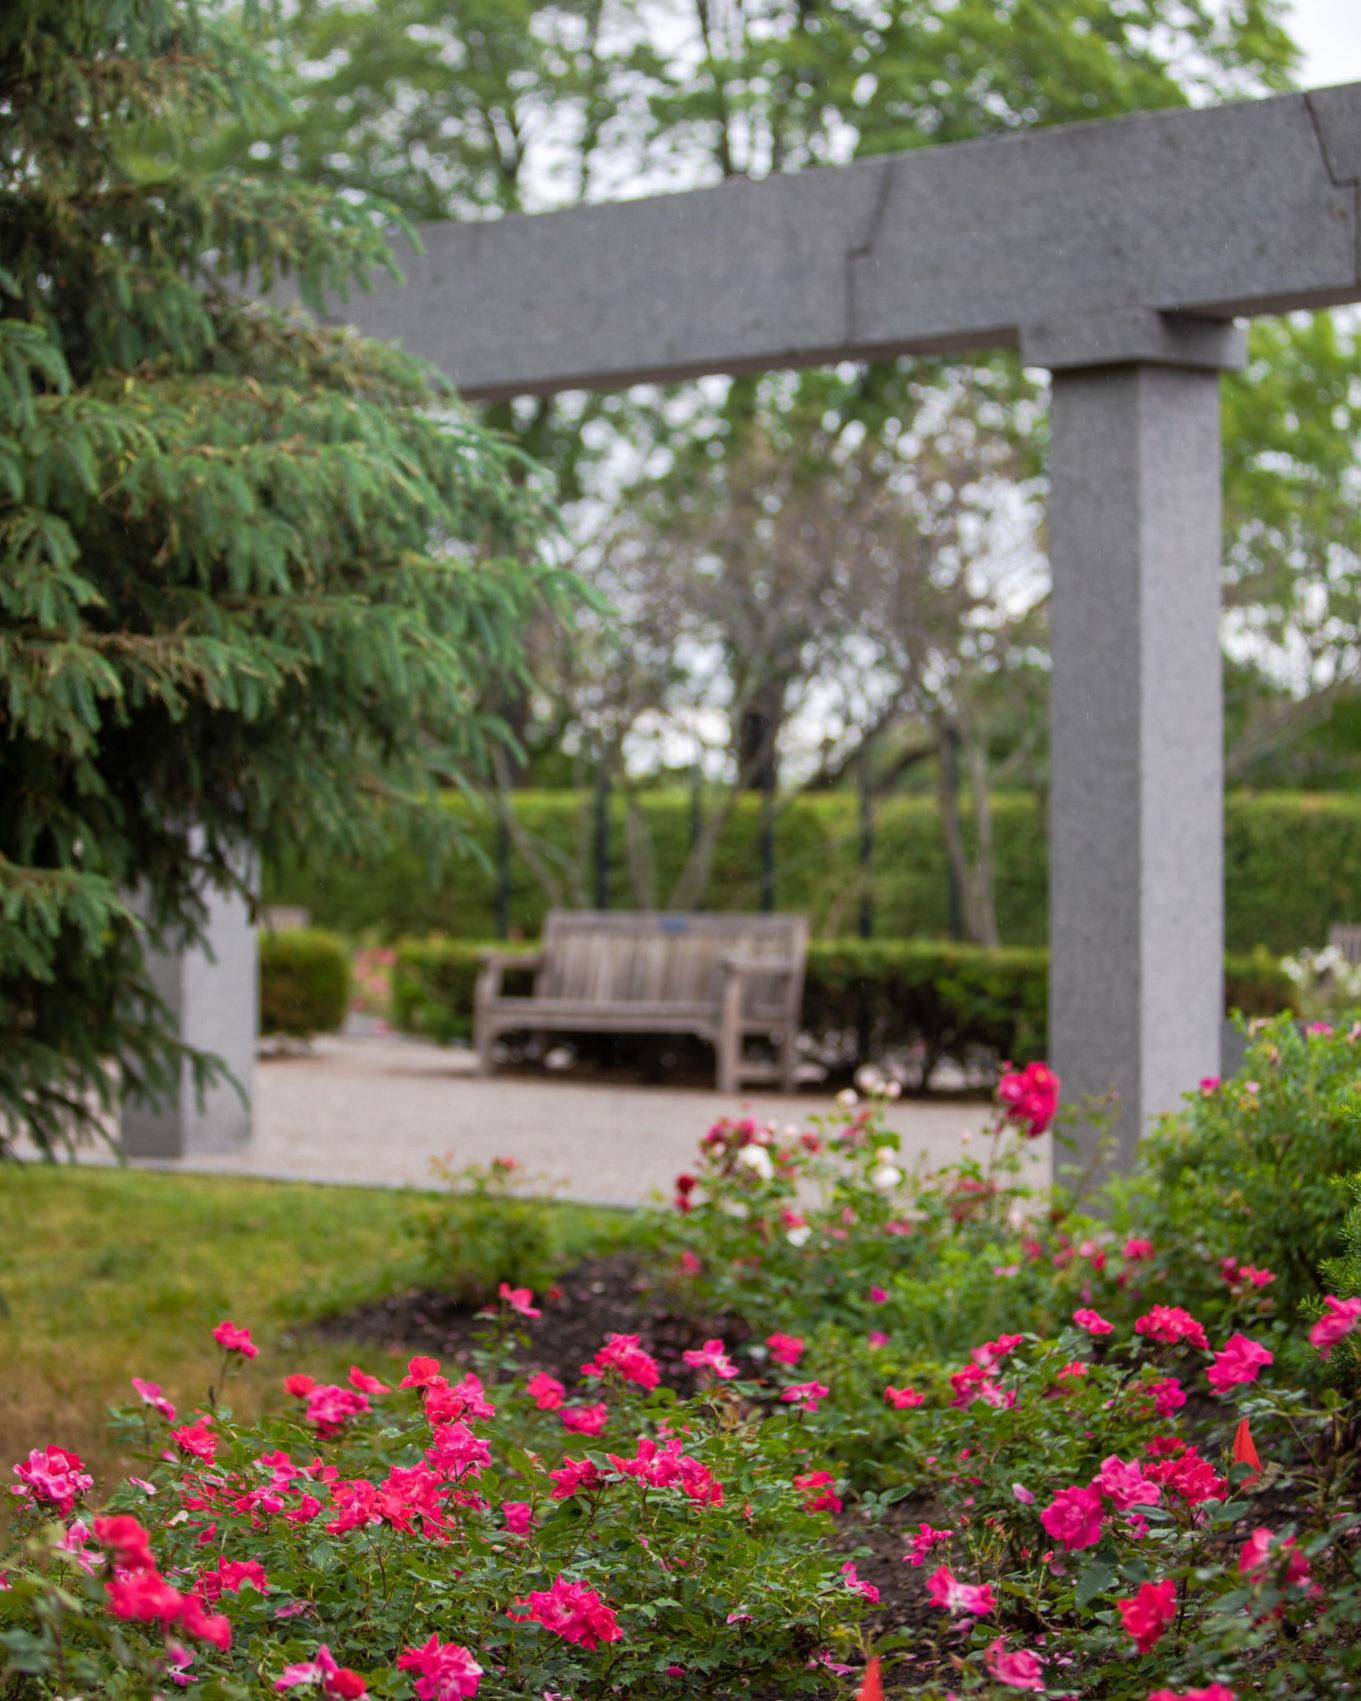 Des rosiers rose vif en avant-plan, avec des colonnes de marbre, des arbres matures et un banc en arrière-plan.